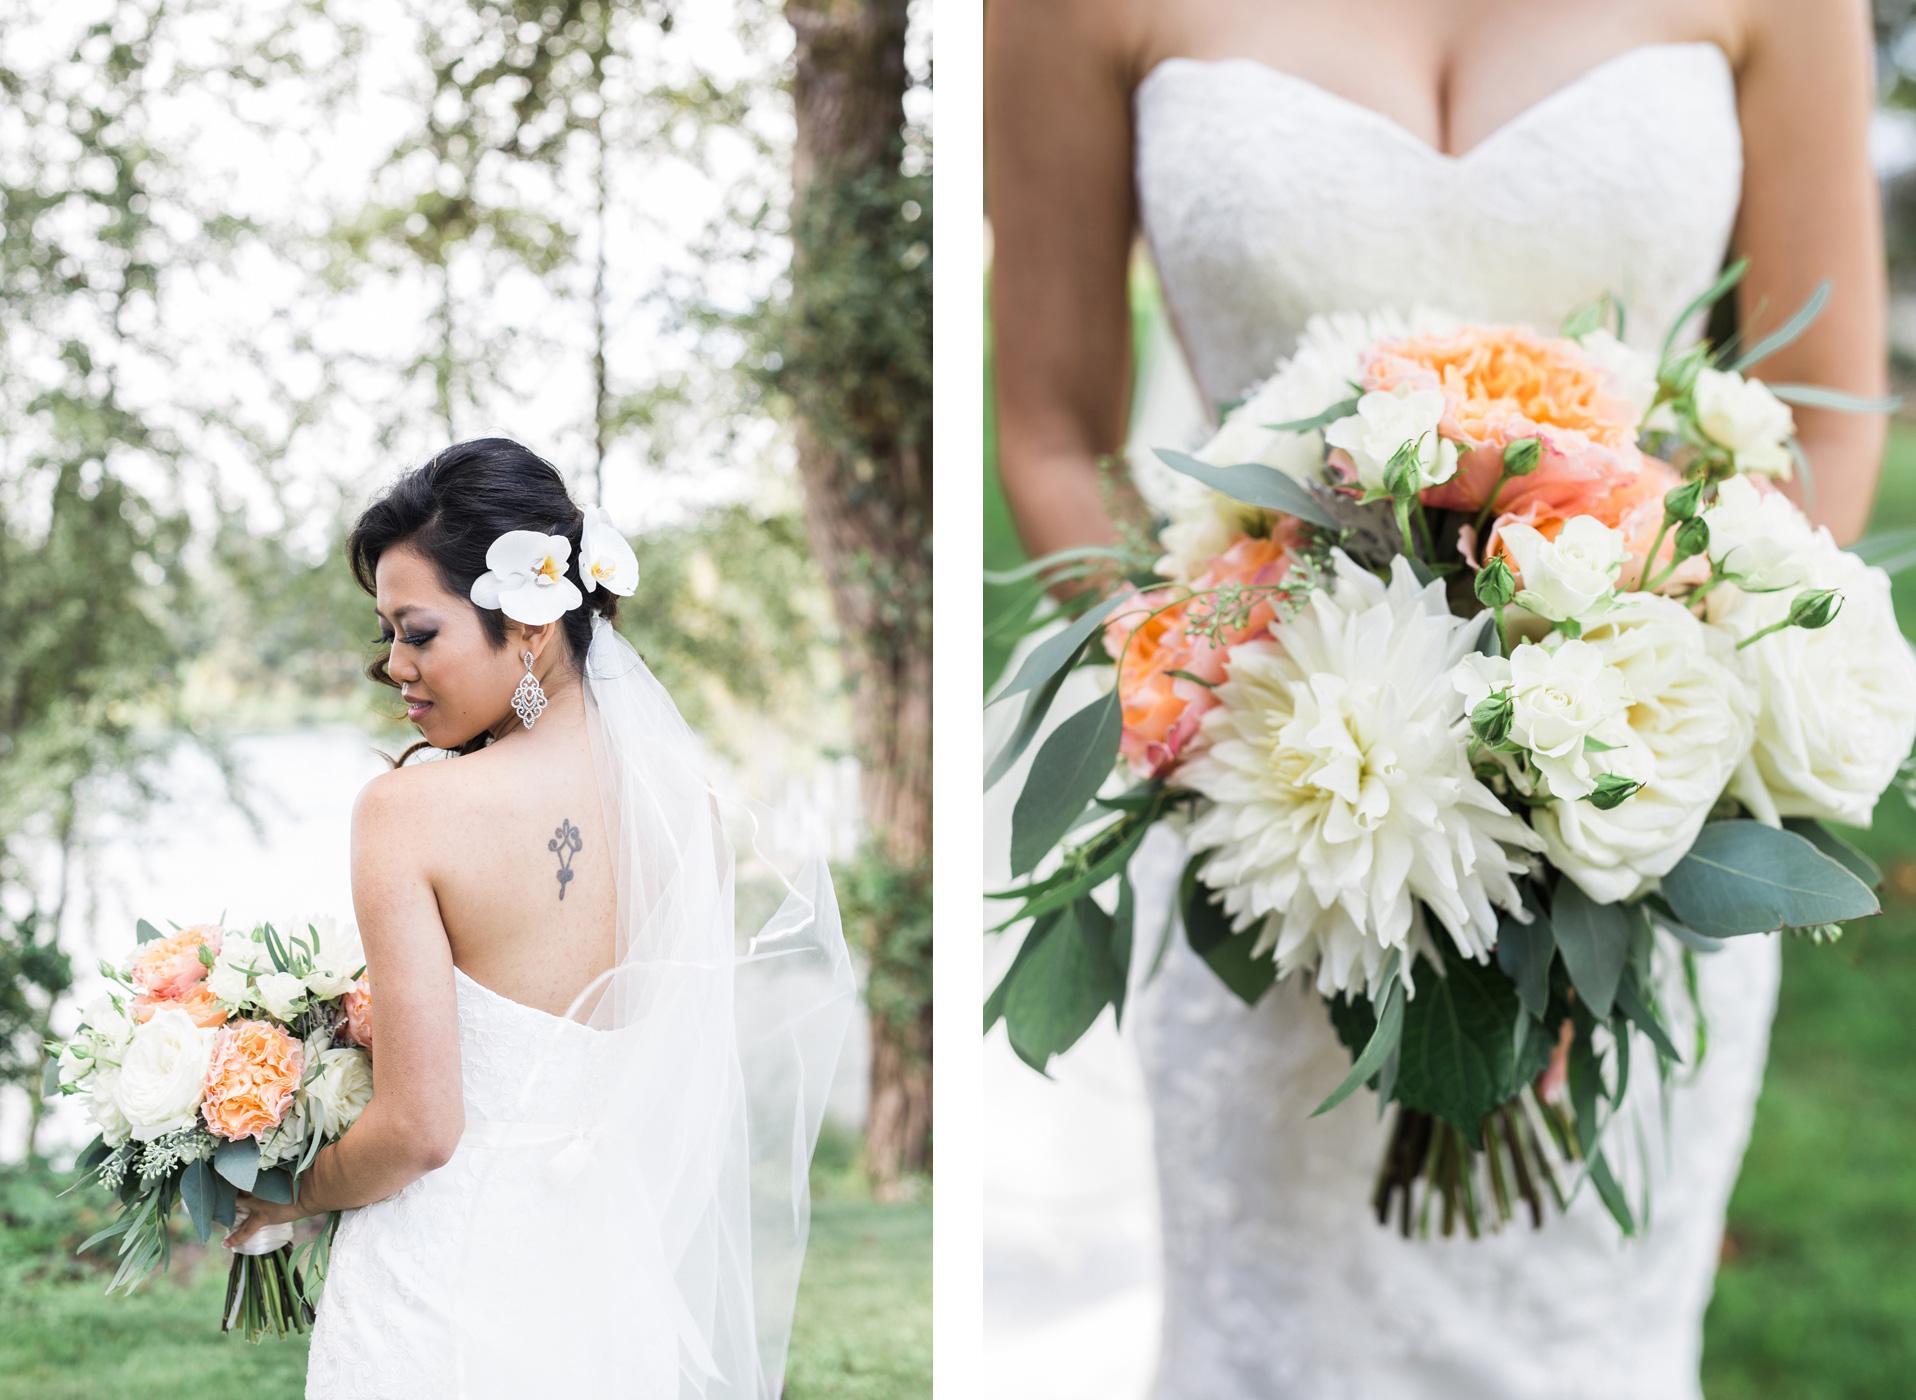 Jessica Wedding Dress 52 Luxury Jessica u James